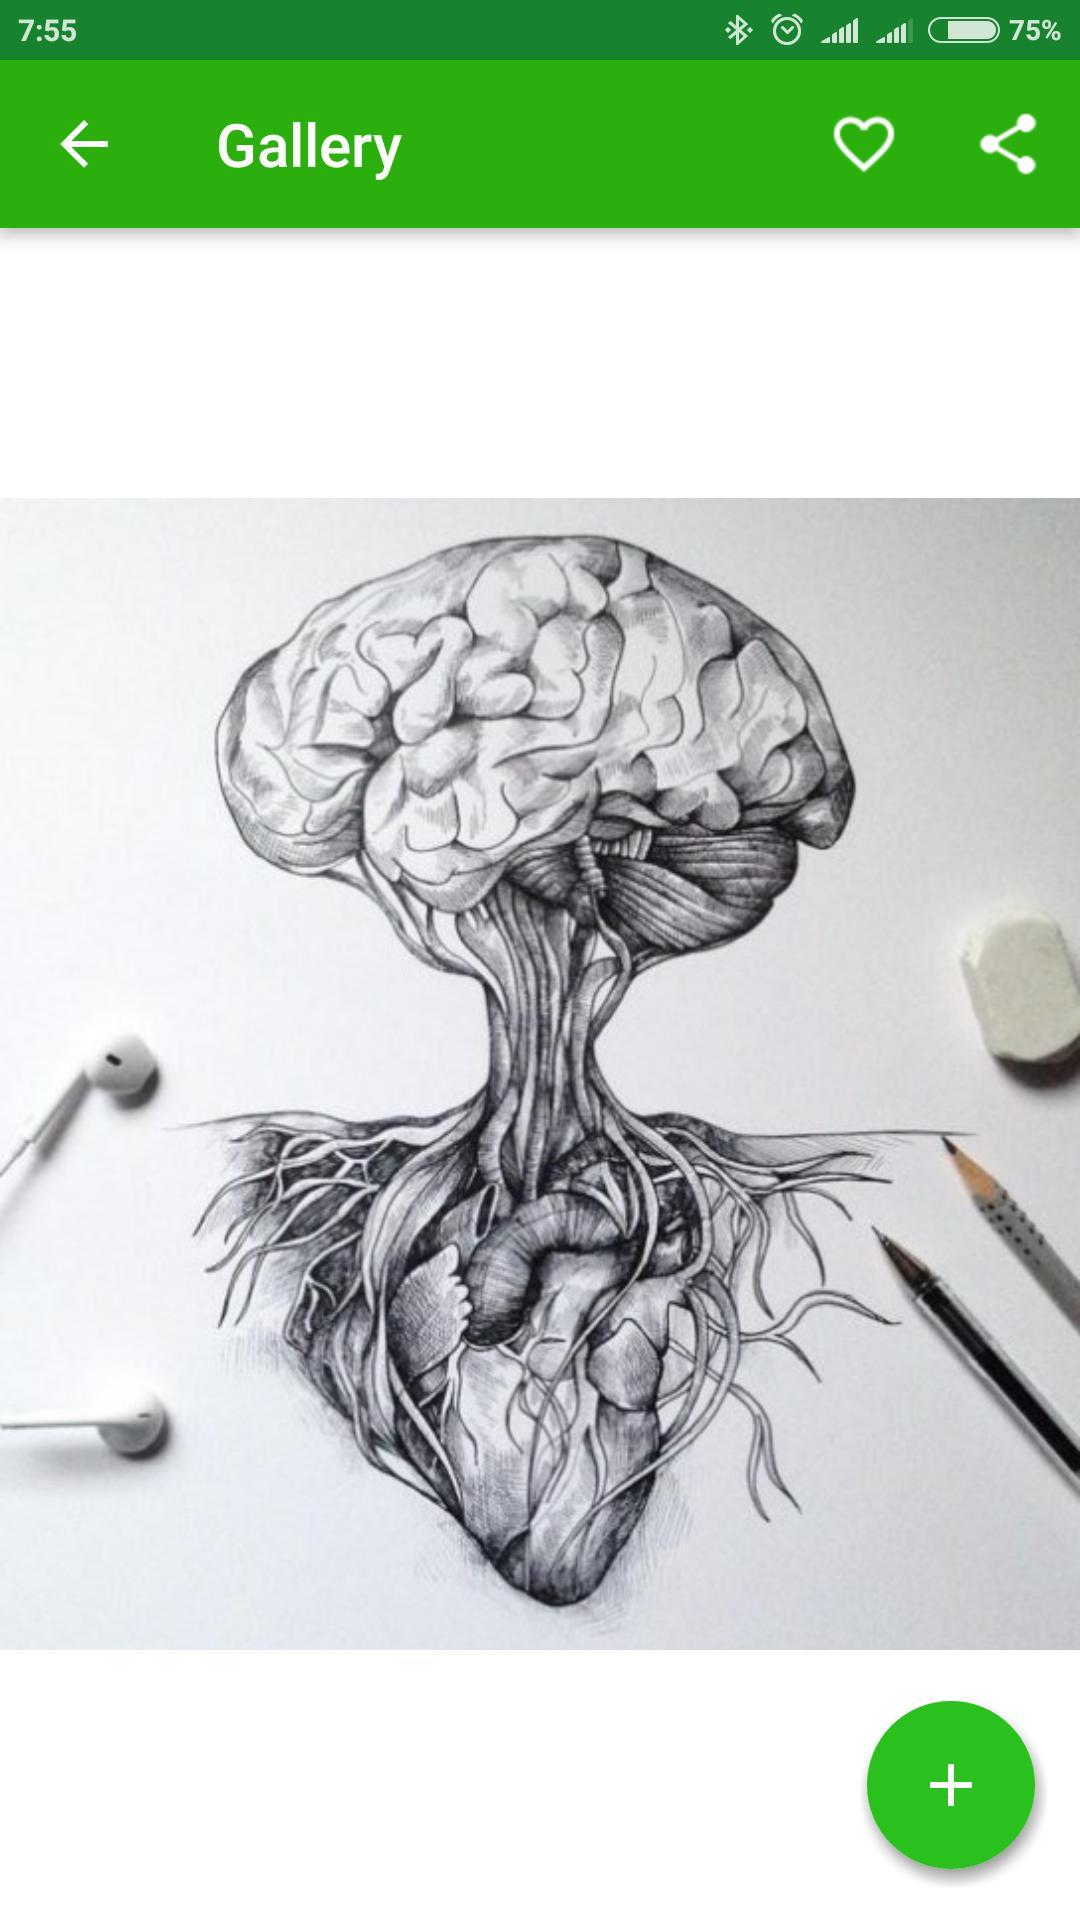 Coole Kunst Zeichnung Ideen Für Android Apk Herunterladen